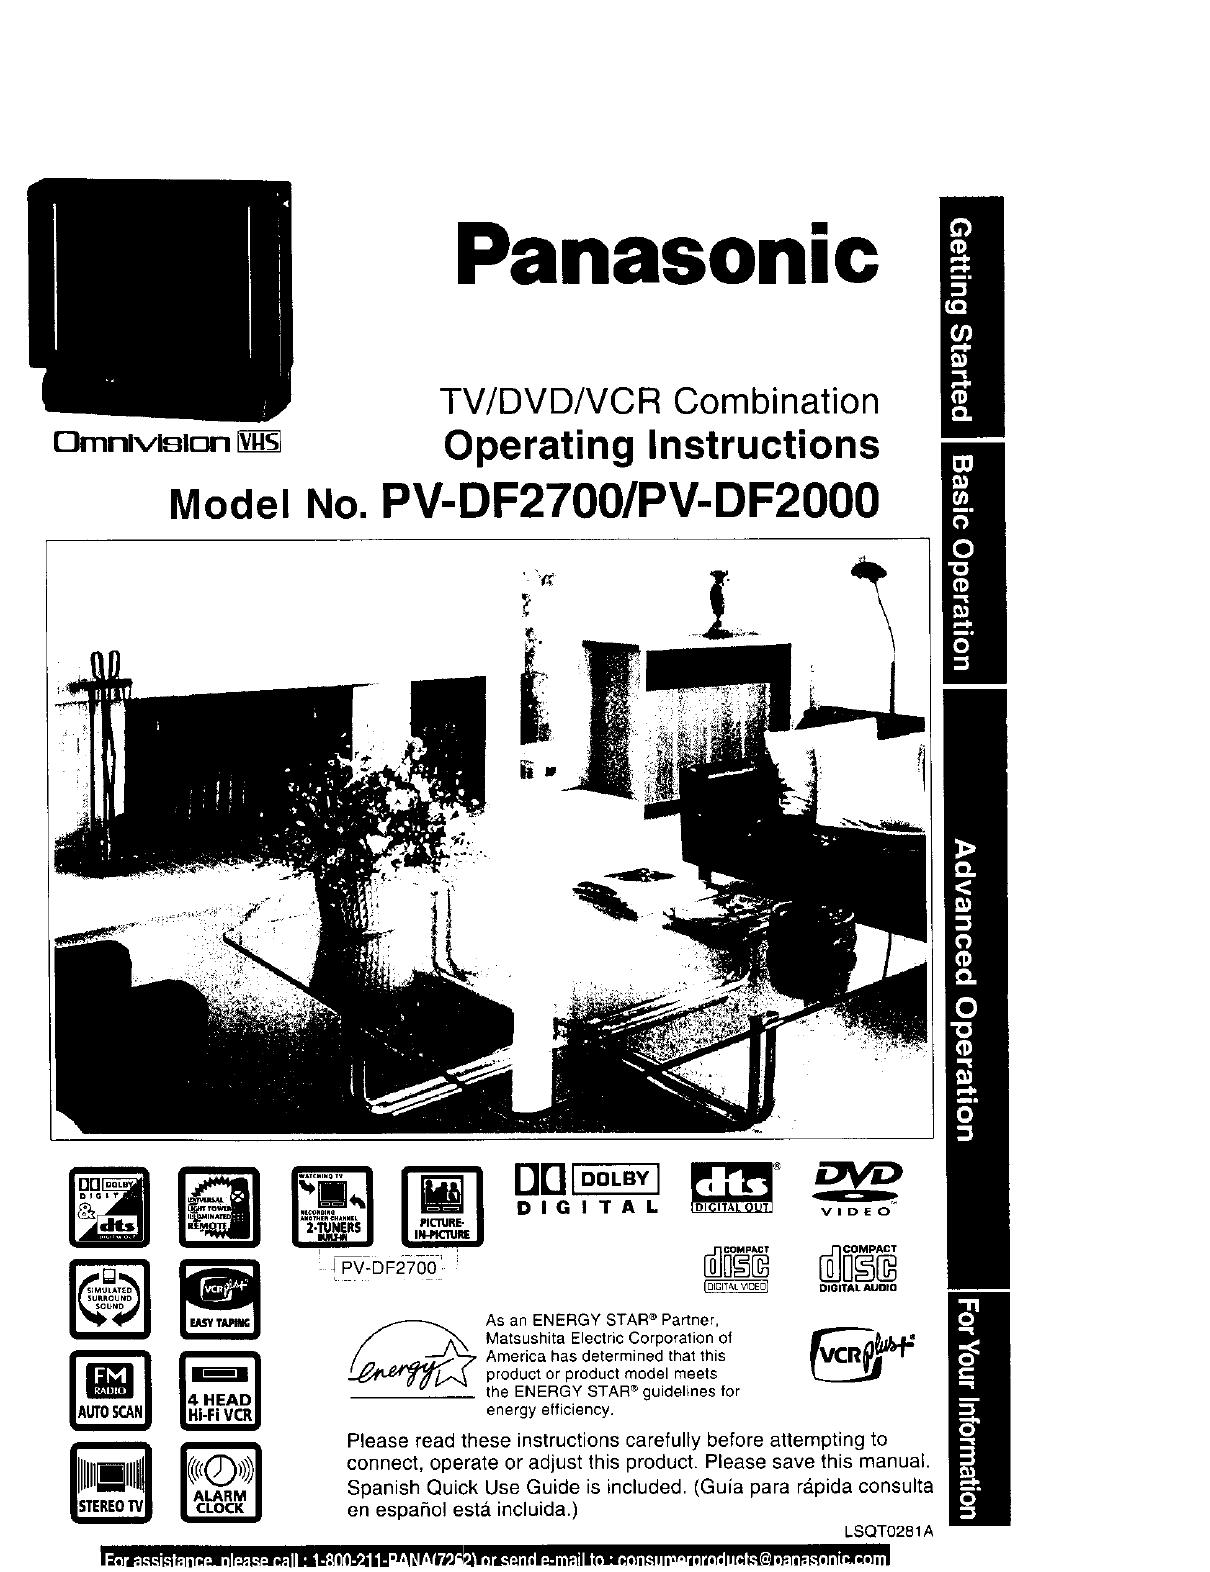 PANASONIC TV/VCR Or DVD Combo Manual L0103003